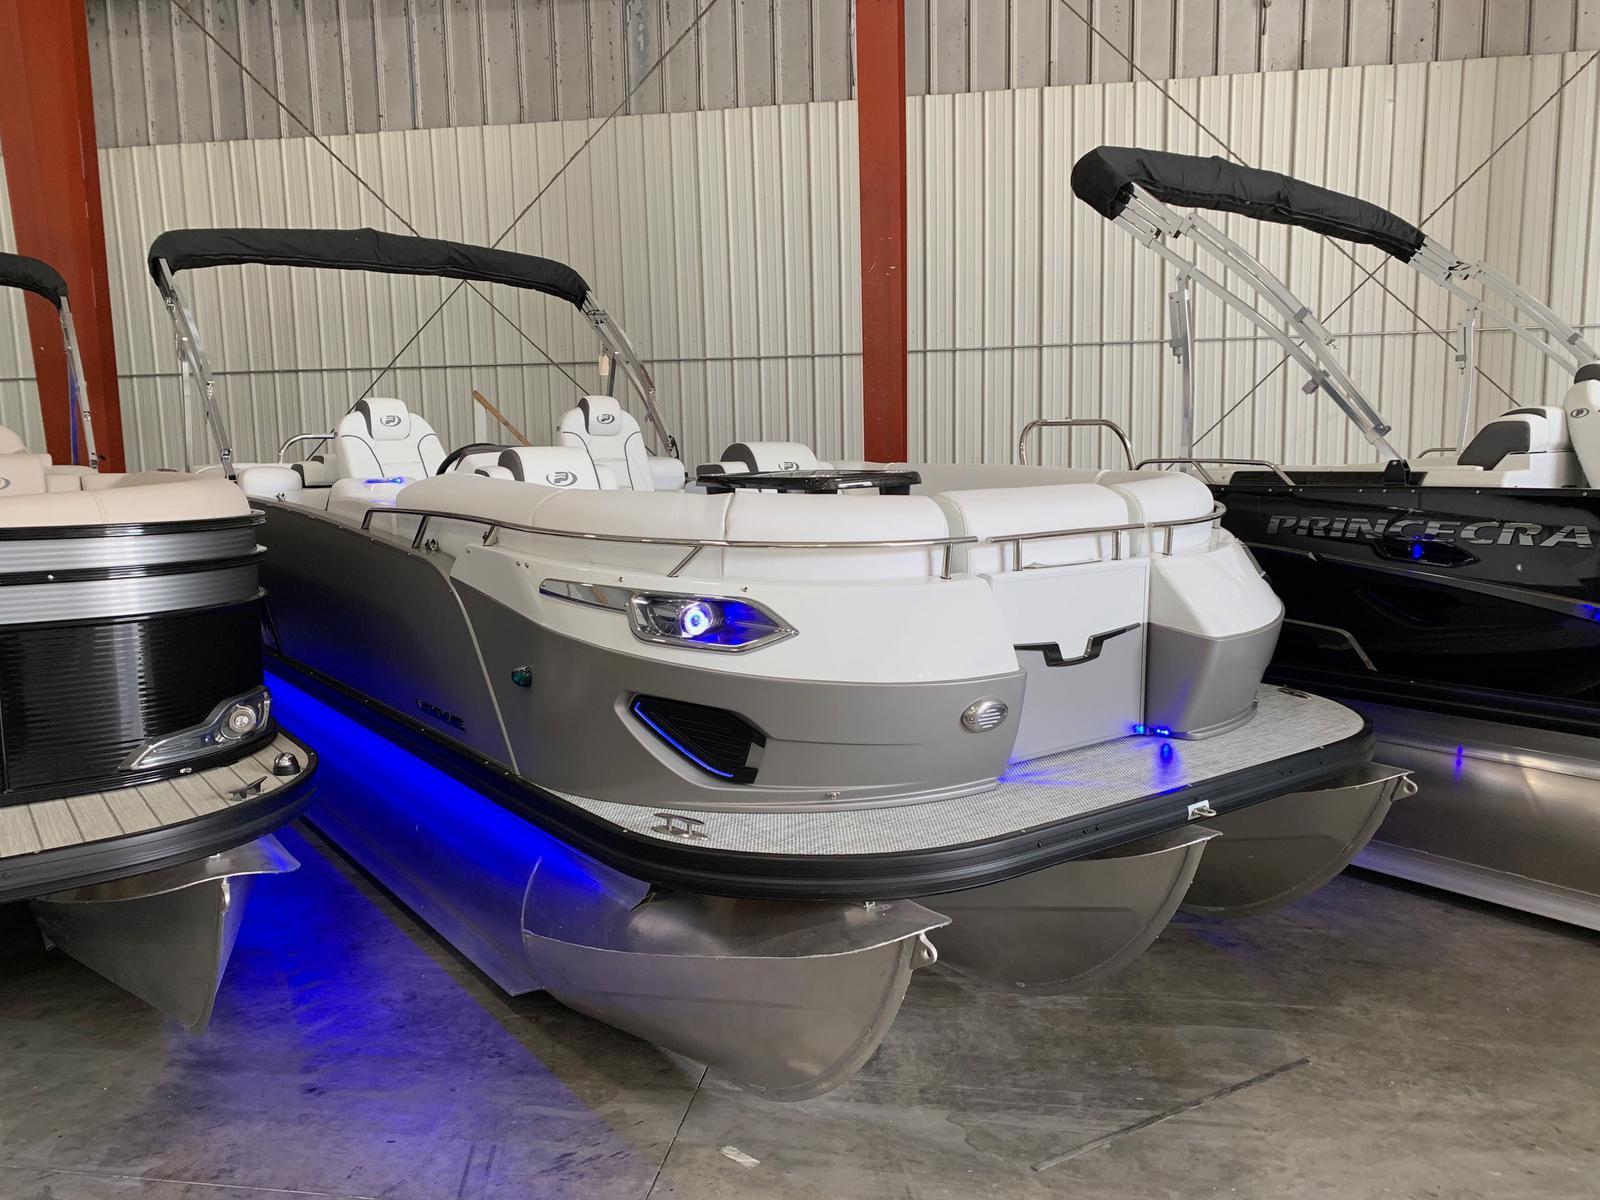 2019 Princecraft Vogue 23 Xt For Sale In Spring Lake Mi Keenan Marina Spring Lake Mi 616 846 3830